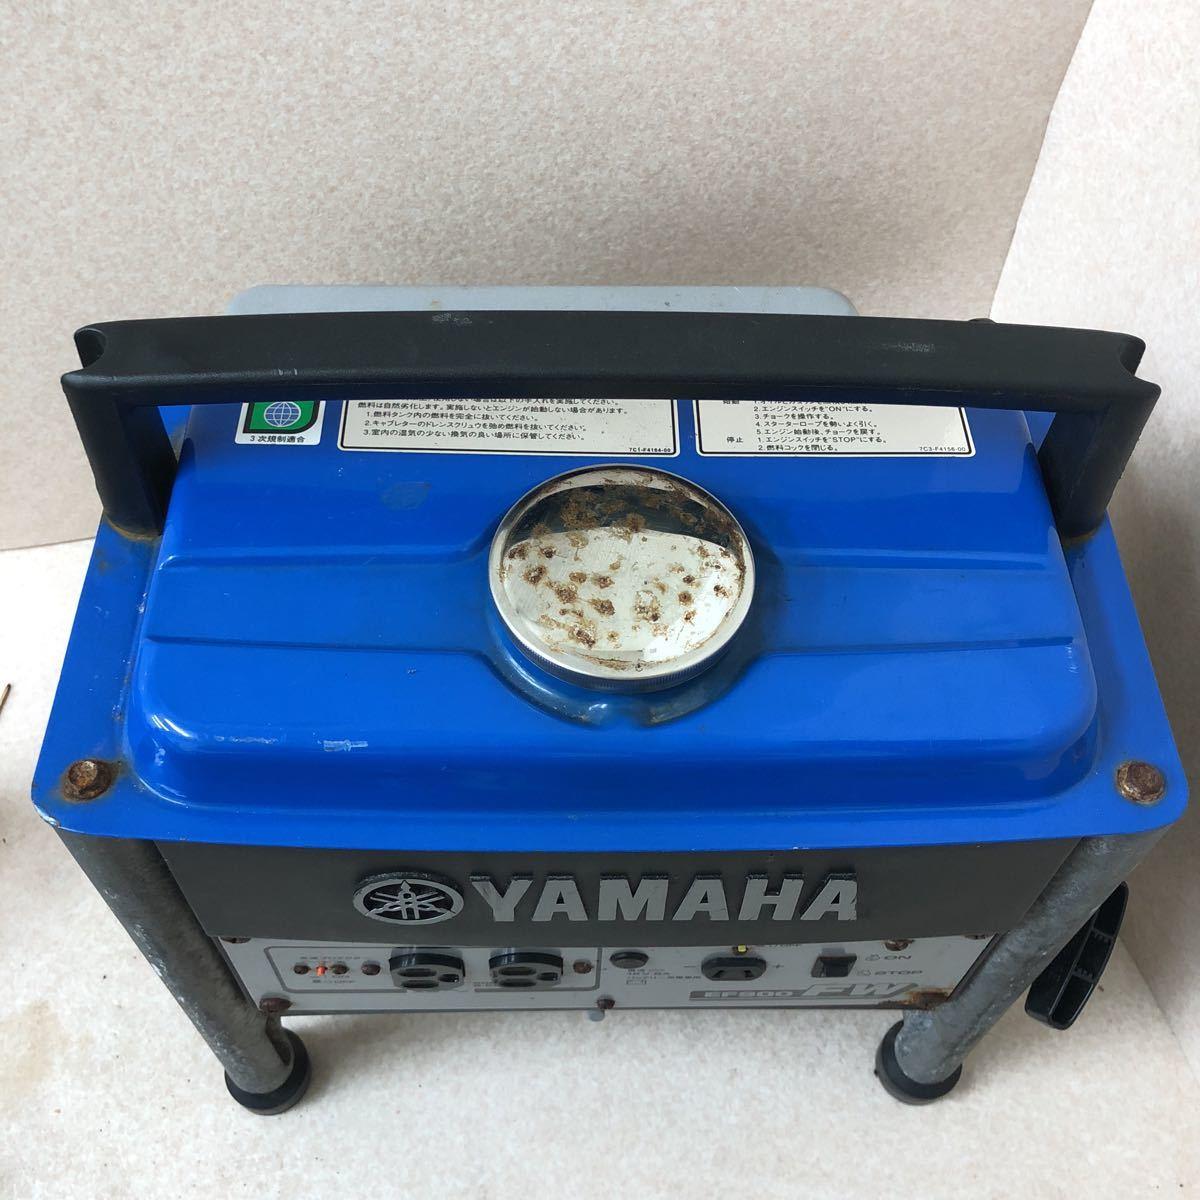 YAMAHA ヤマハ 発電機 EF900FW 動作確認済み_画像9